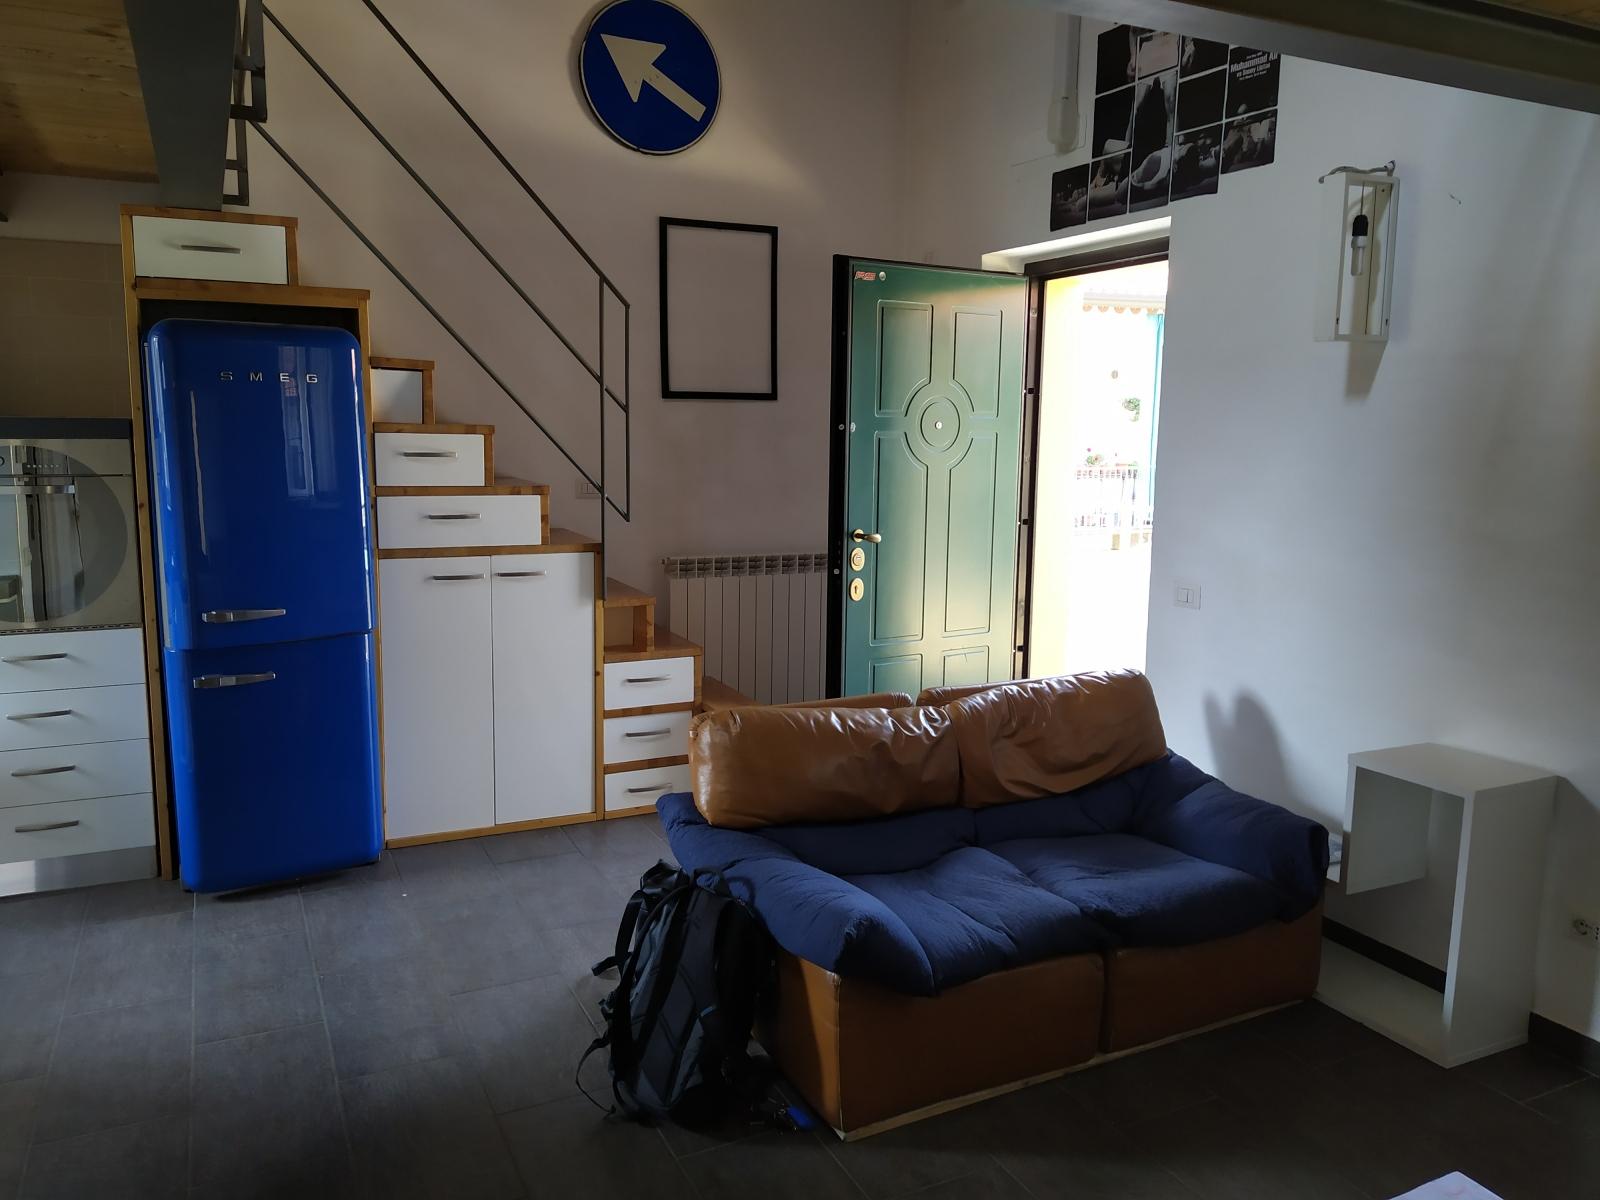 appartamento-in-vendita-milano-baggio-bilocale-spaziourbano-immobiliare-vende-6